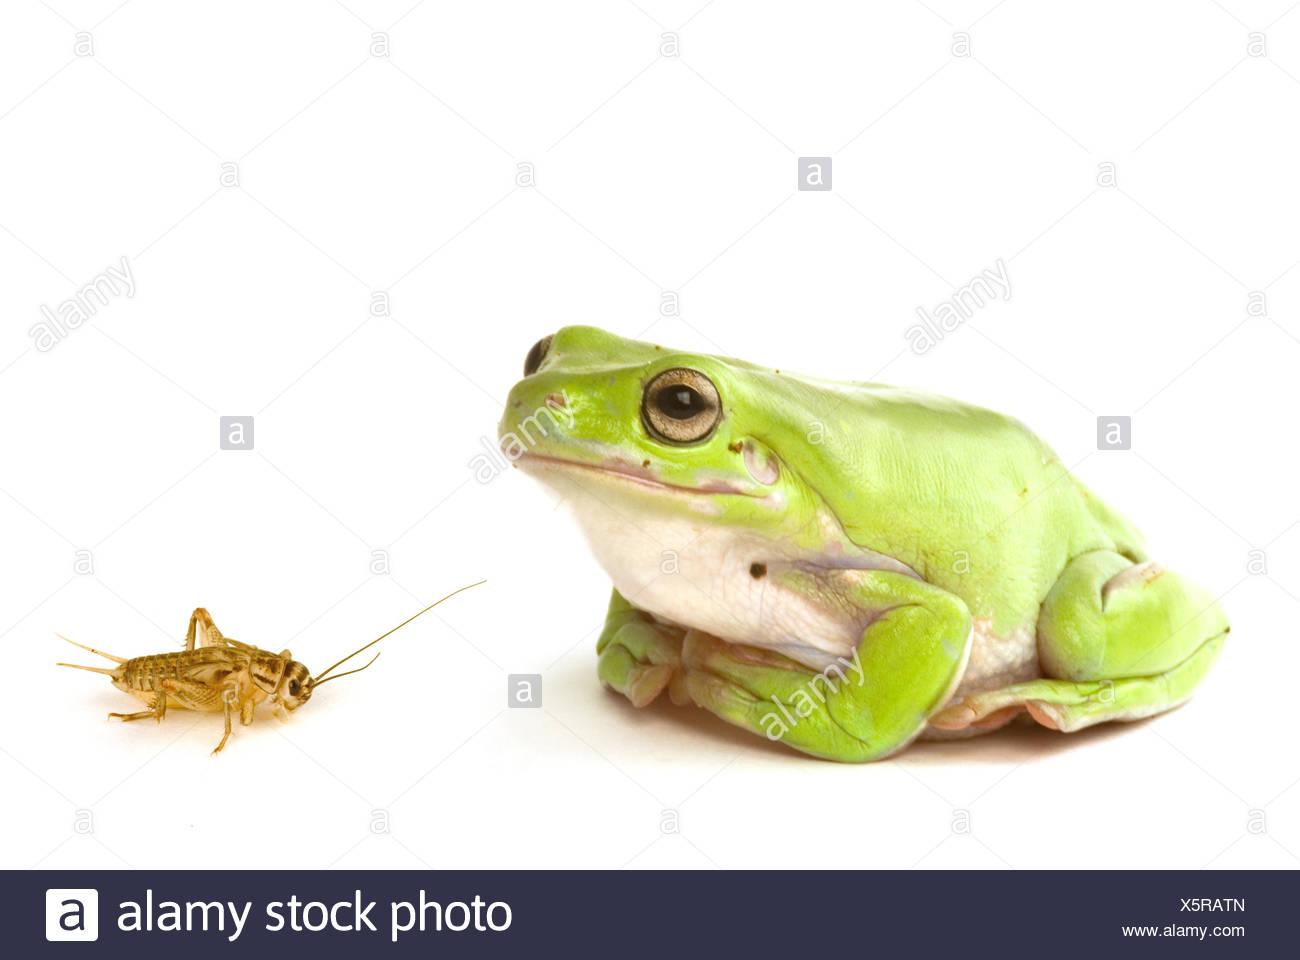 Ziemlich Frosch Färbung Bilder Galerie - Druckbare Malvorlagen ...